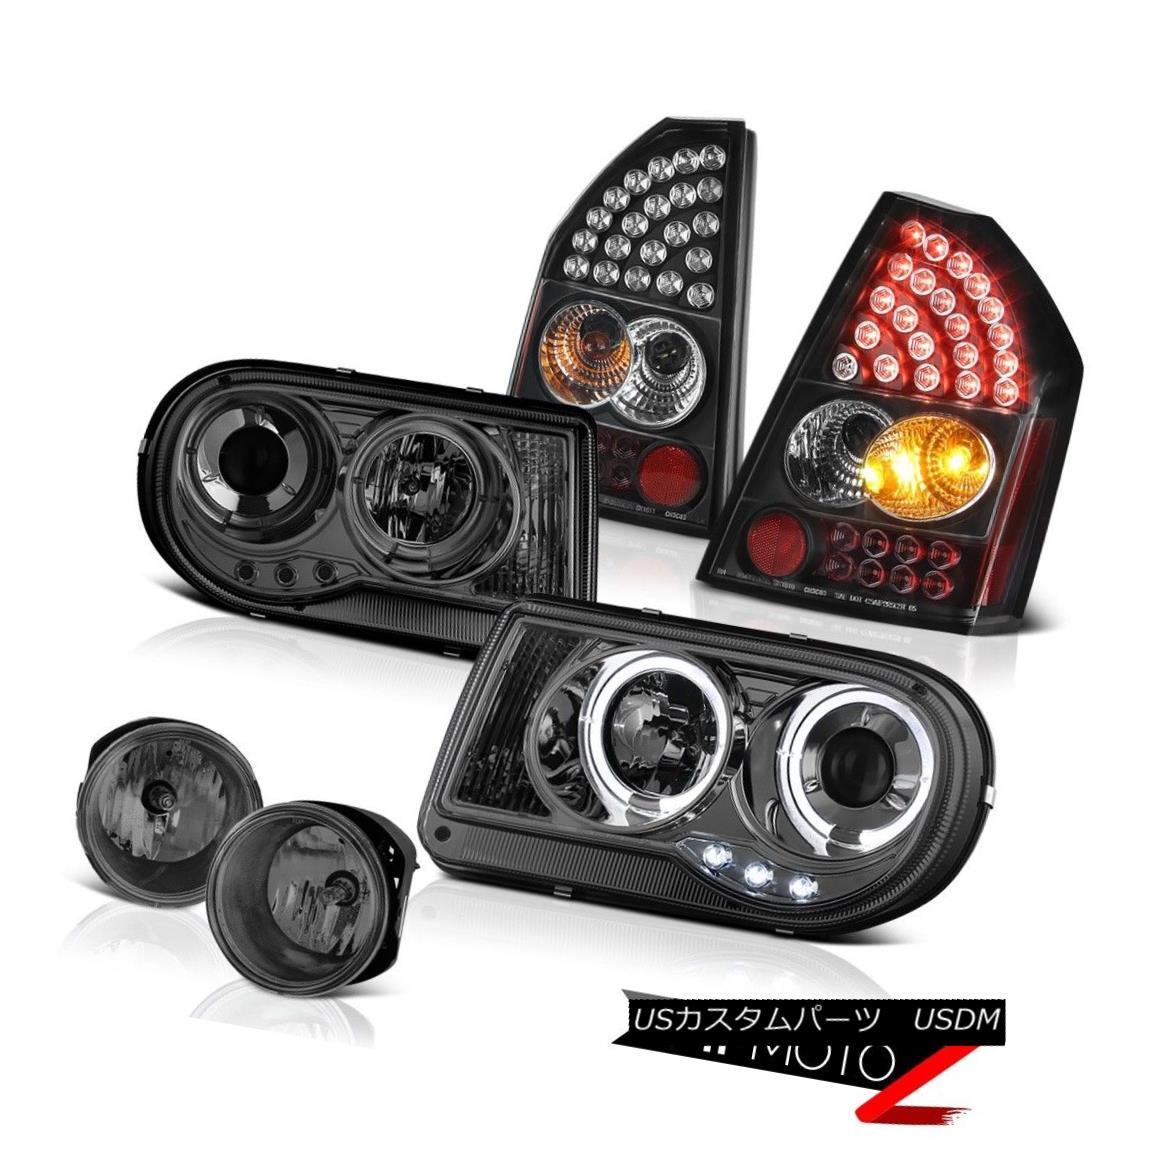 テールライト 2008-2010 Chrysler 300C 6.1L Halo Smoke Headlights Brake LED Taillights Dark Fog 2008-2010クライスラー300C 6.1Lハロー煙ヘッドライトブレーキLEDテールライトダークフォグ